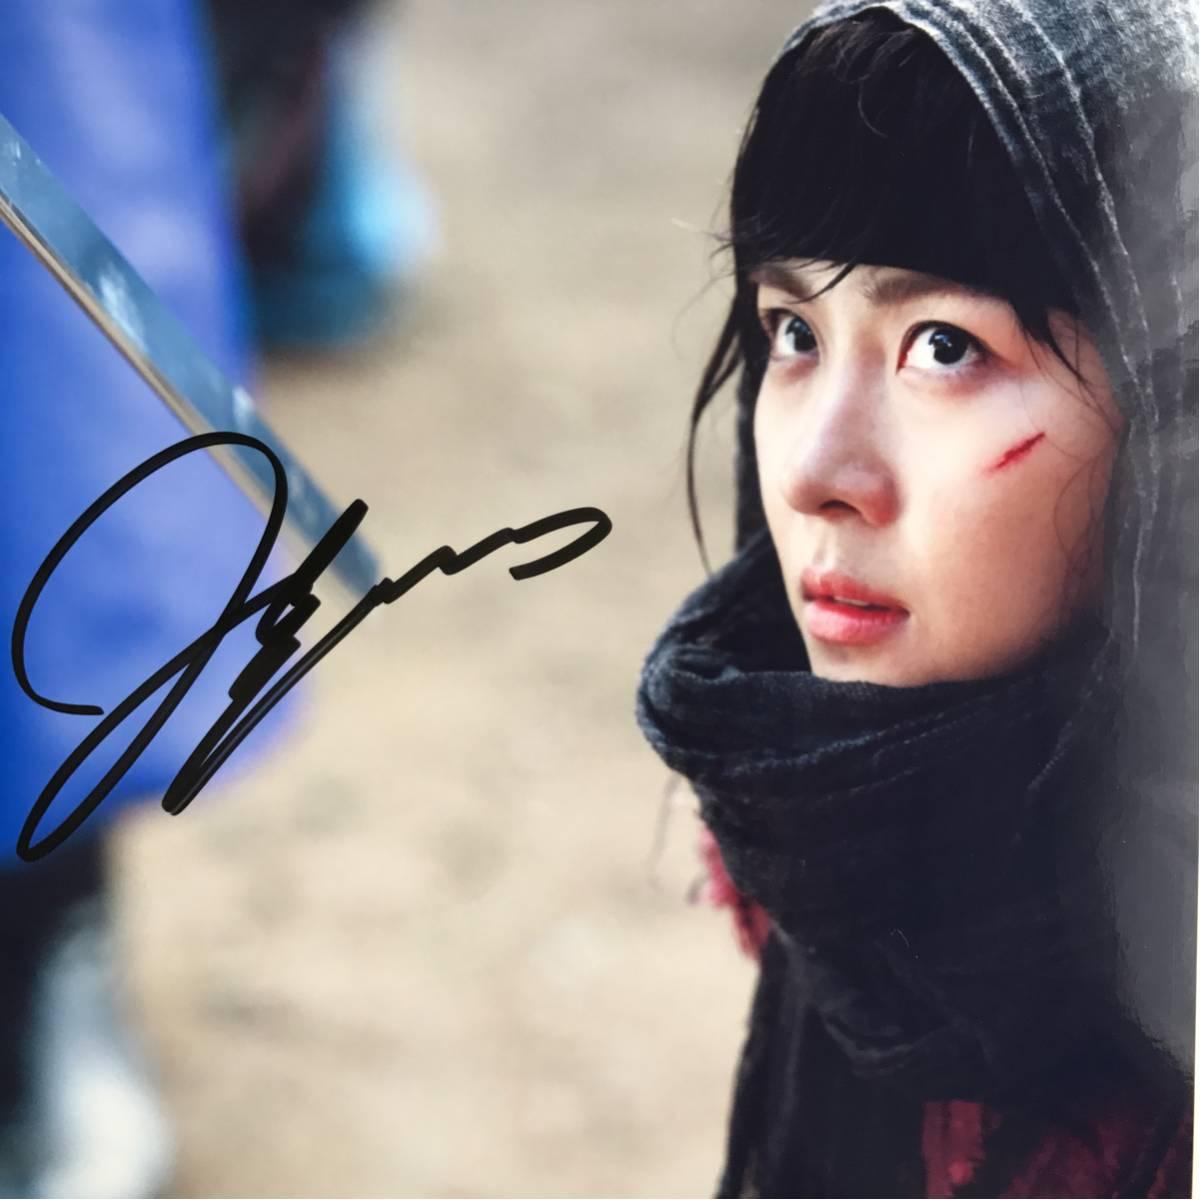 ハ・ジウォン直筆サイン入り写真